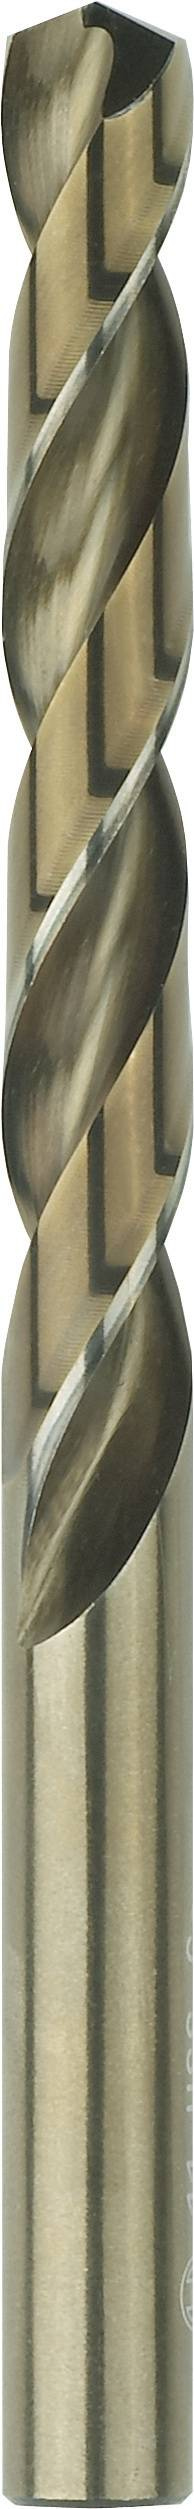 Taglio di precisione Punteruolo Set Strumenti modello a mano artigianale 0.4-1.4mm